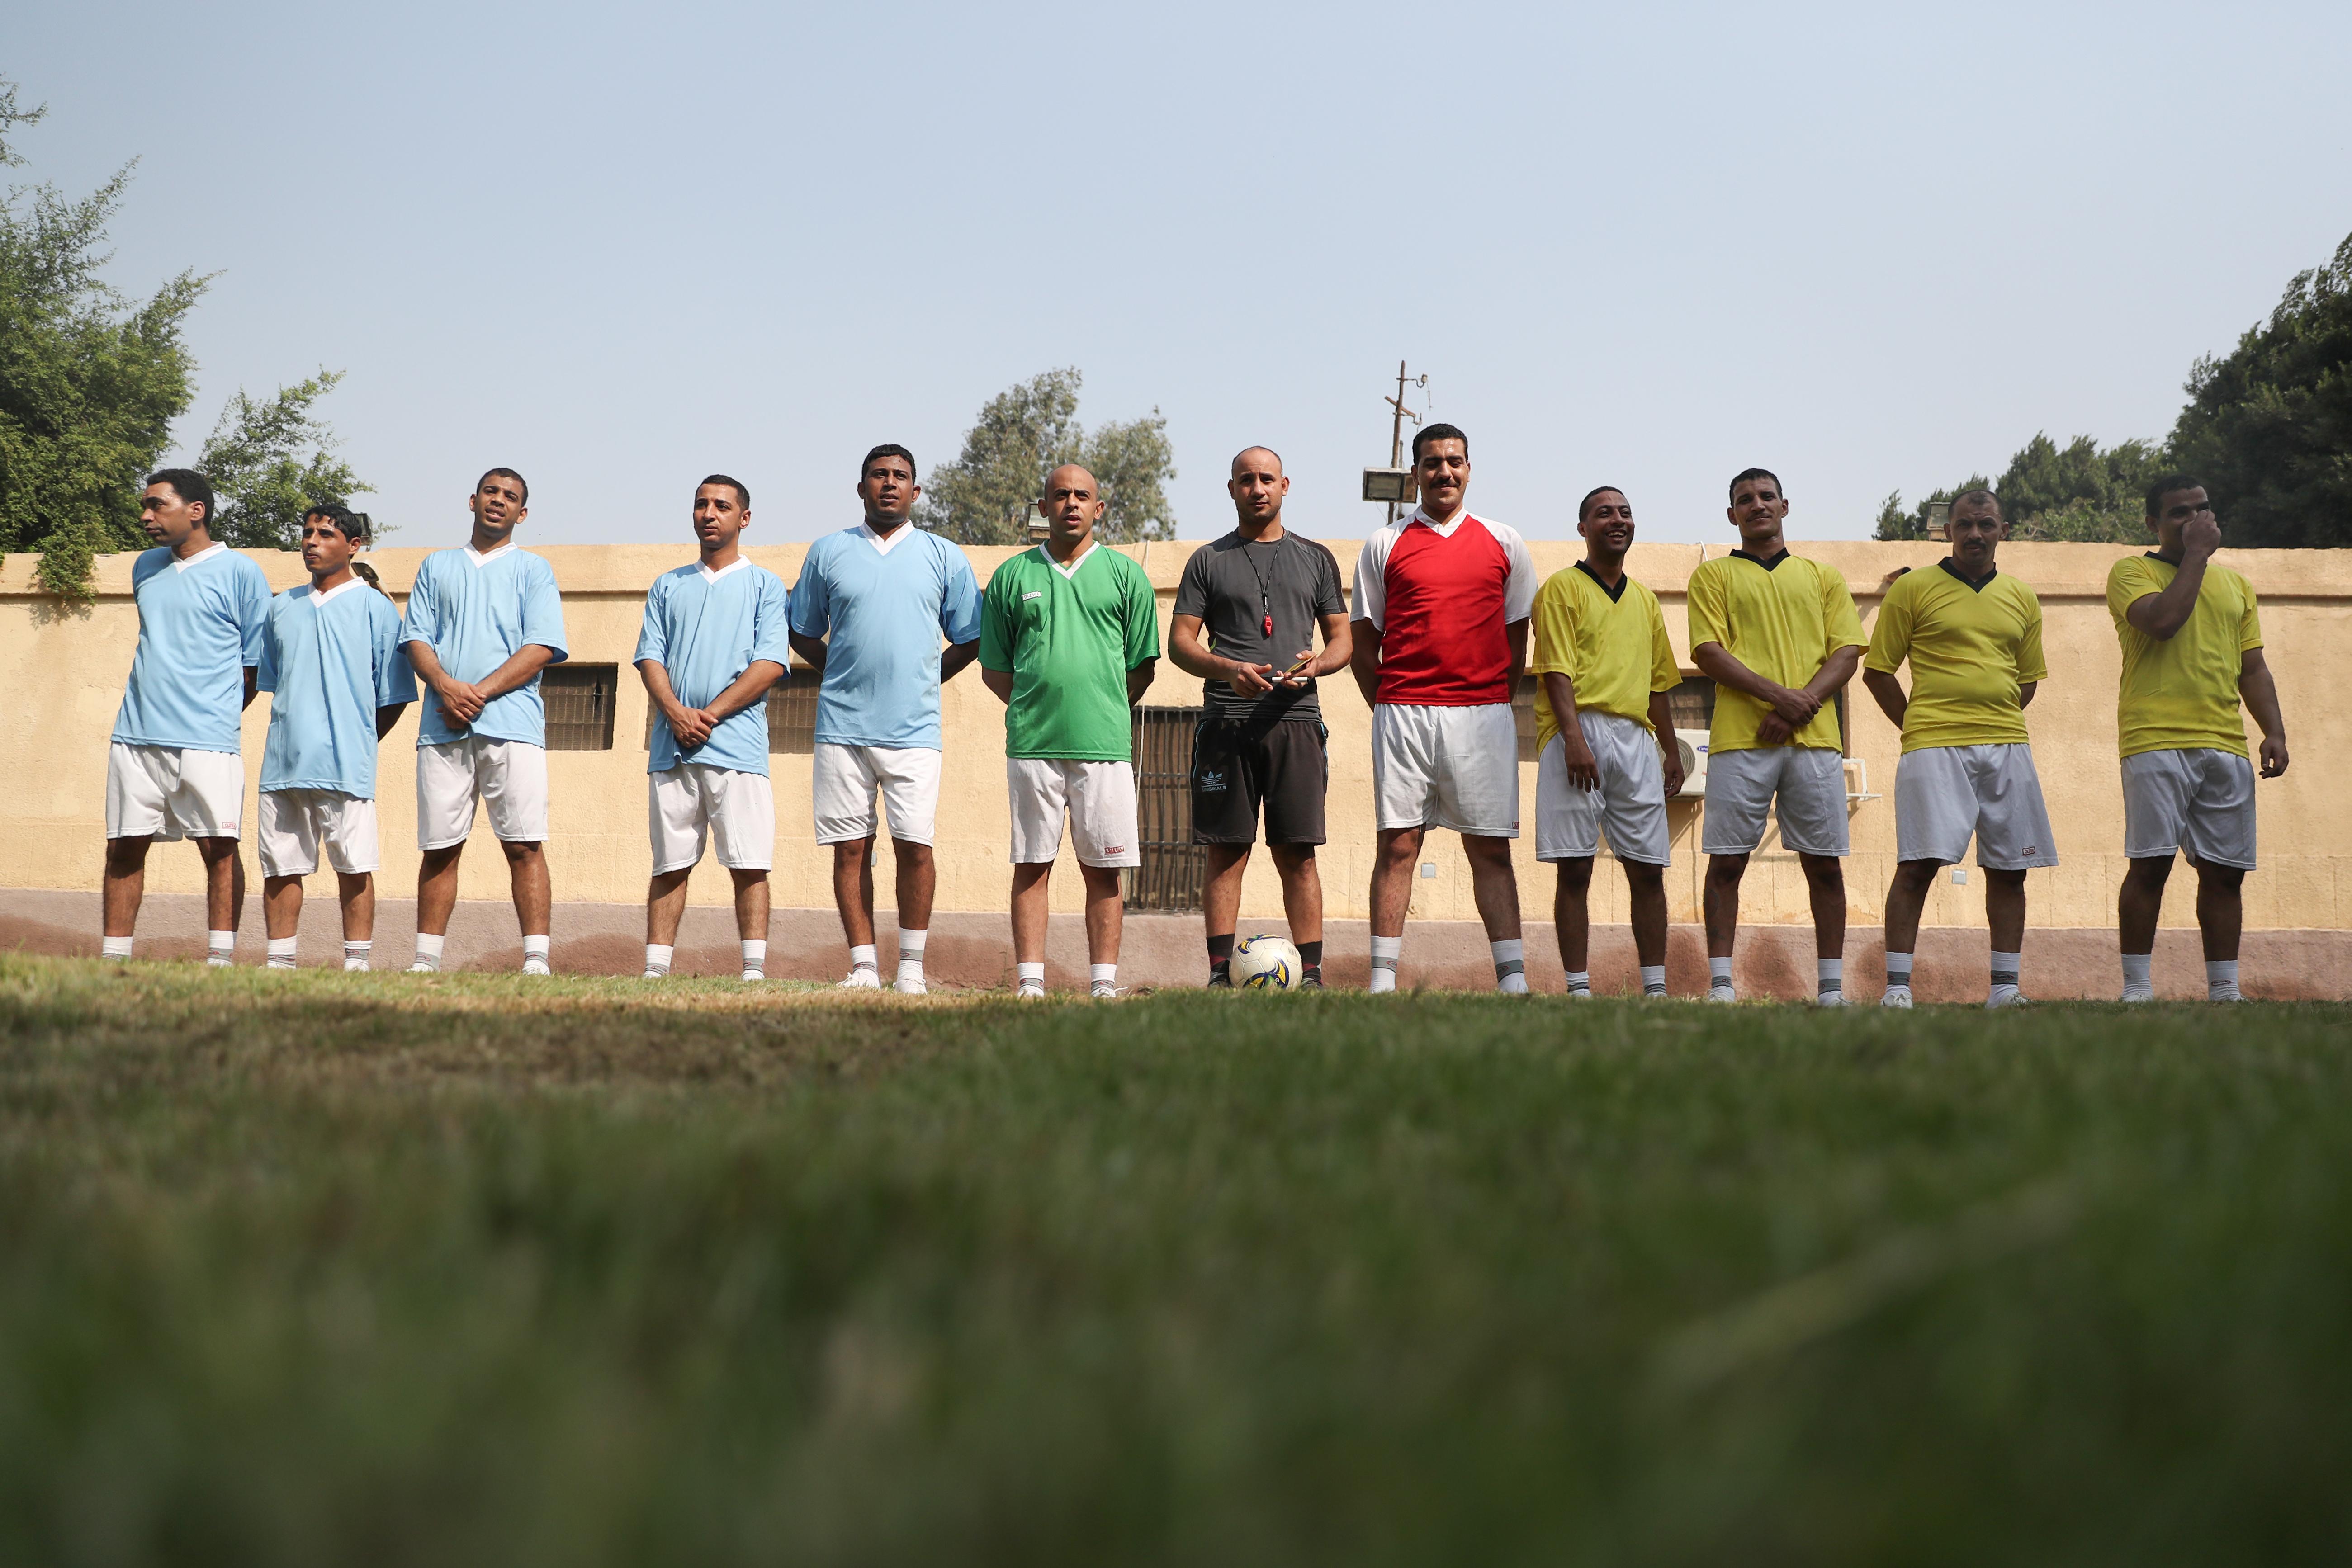 مباراة بين المساجين أقيمت في سجن طرة أثناء زيارة الوفد الإعلامي - 11 نوفمبر 2019